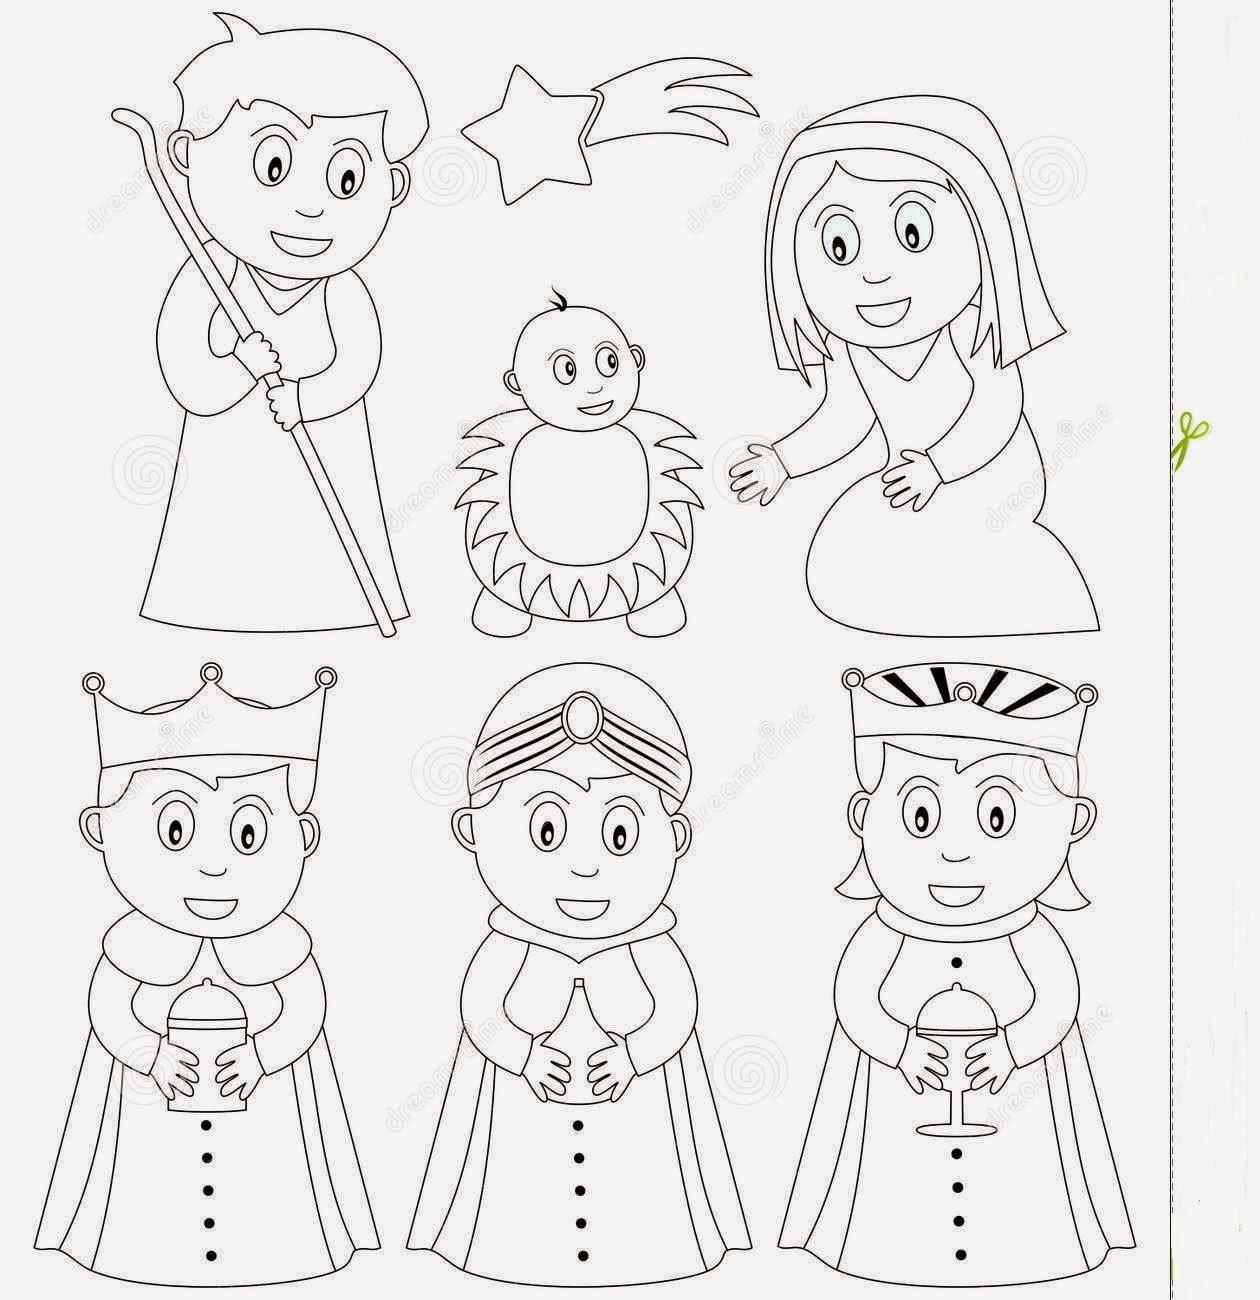 Dibujo Del Nacimiento De Jesus Para Colorear